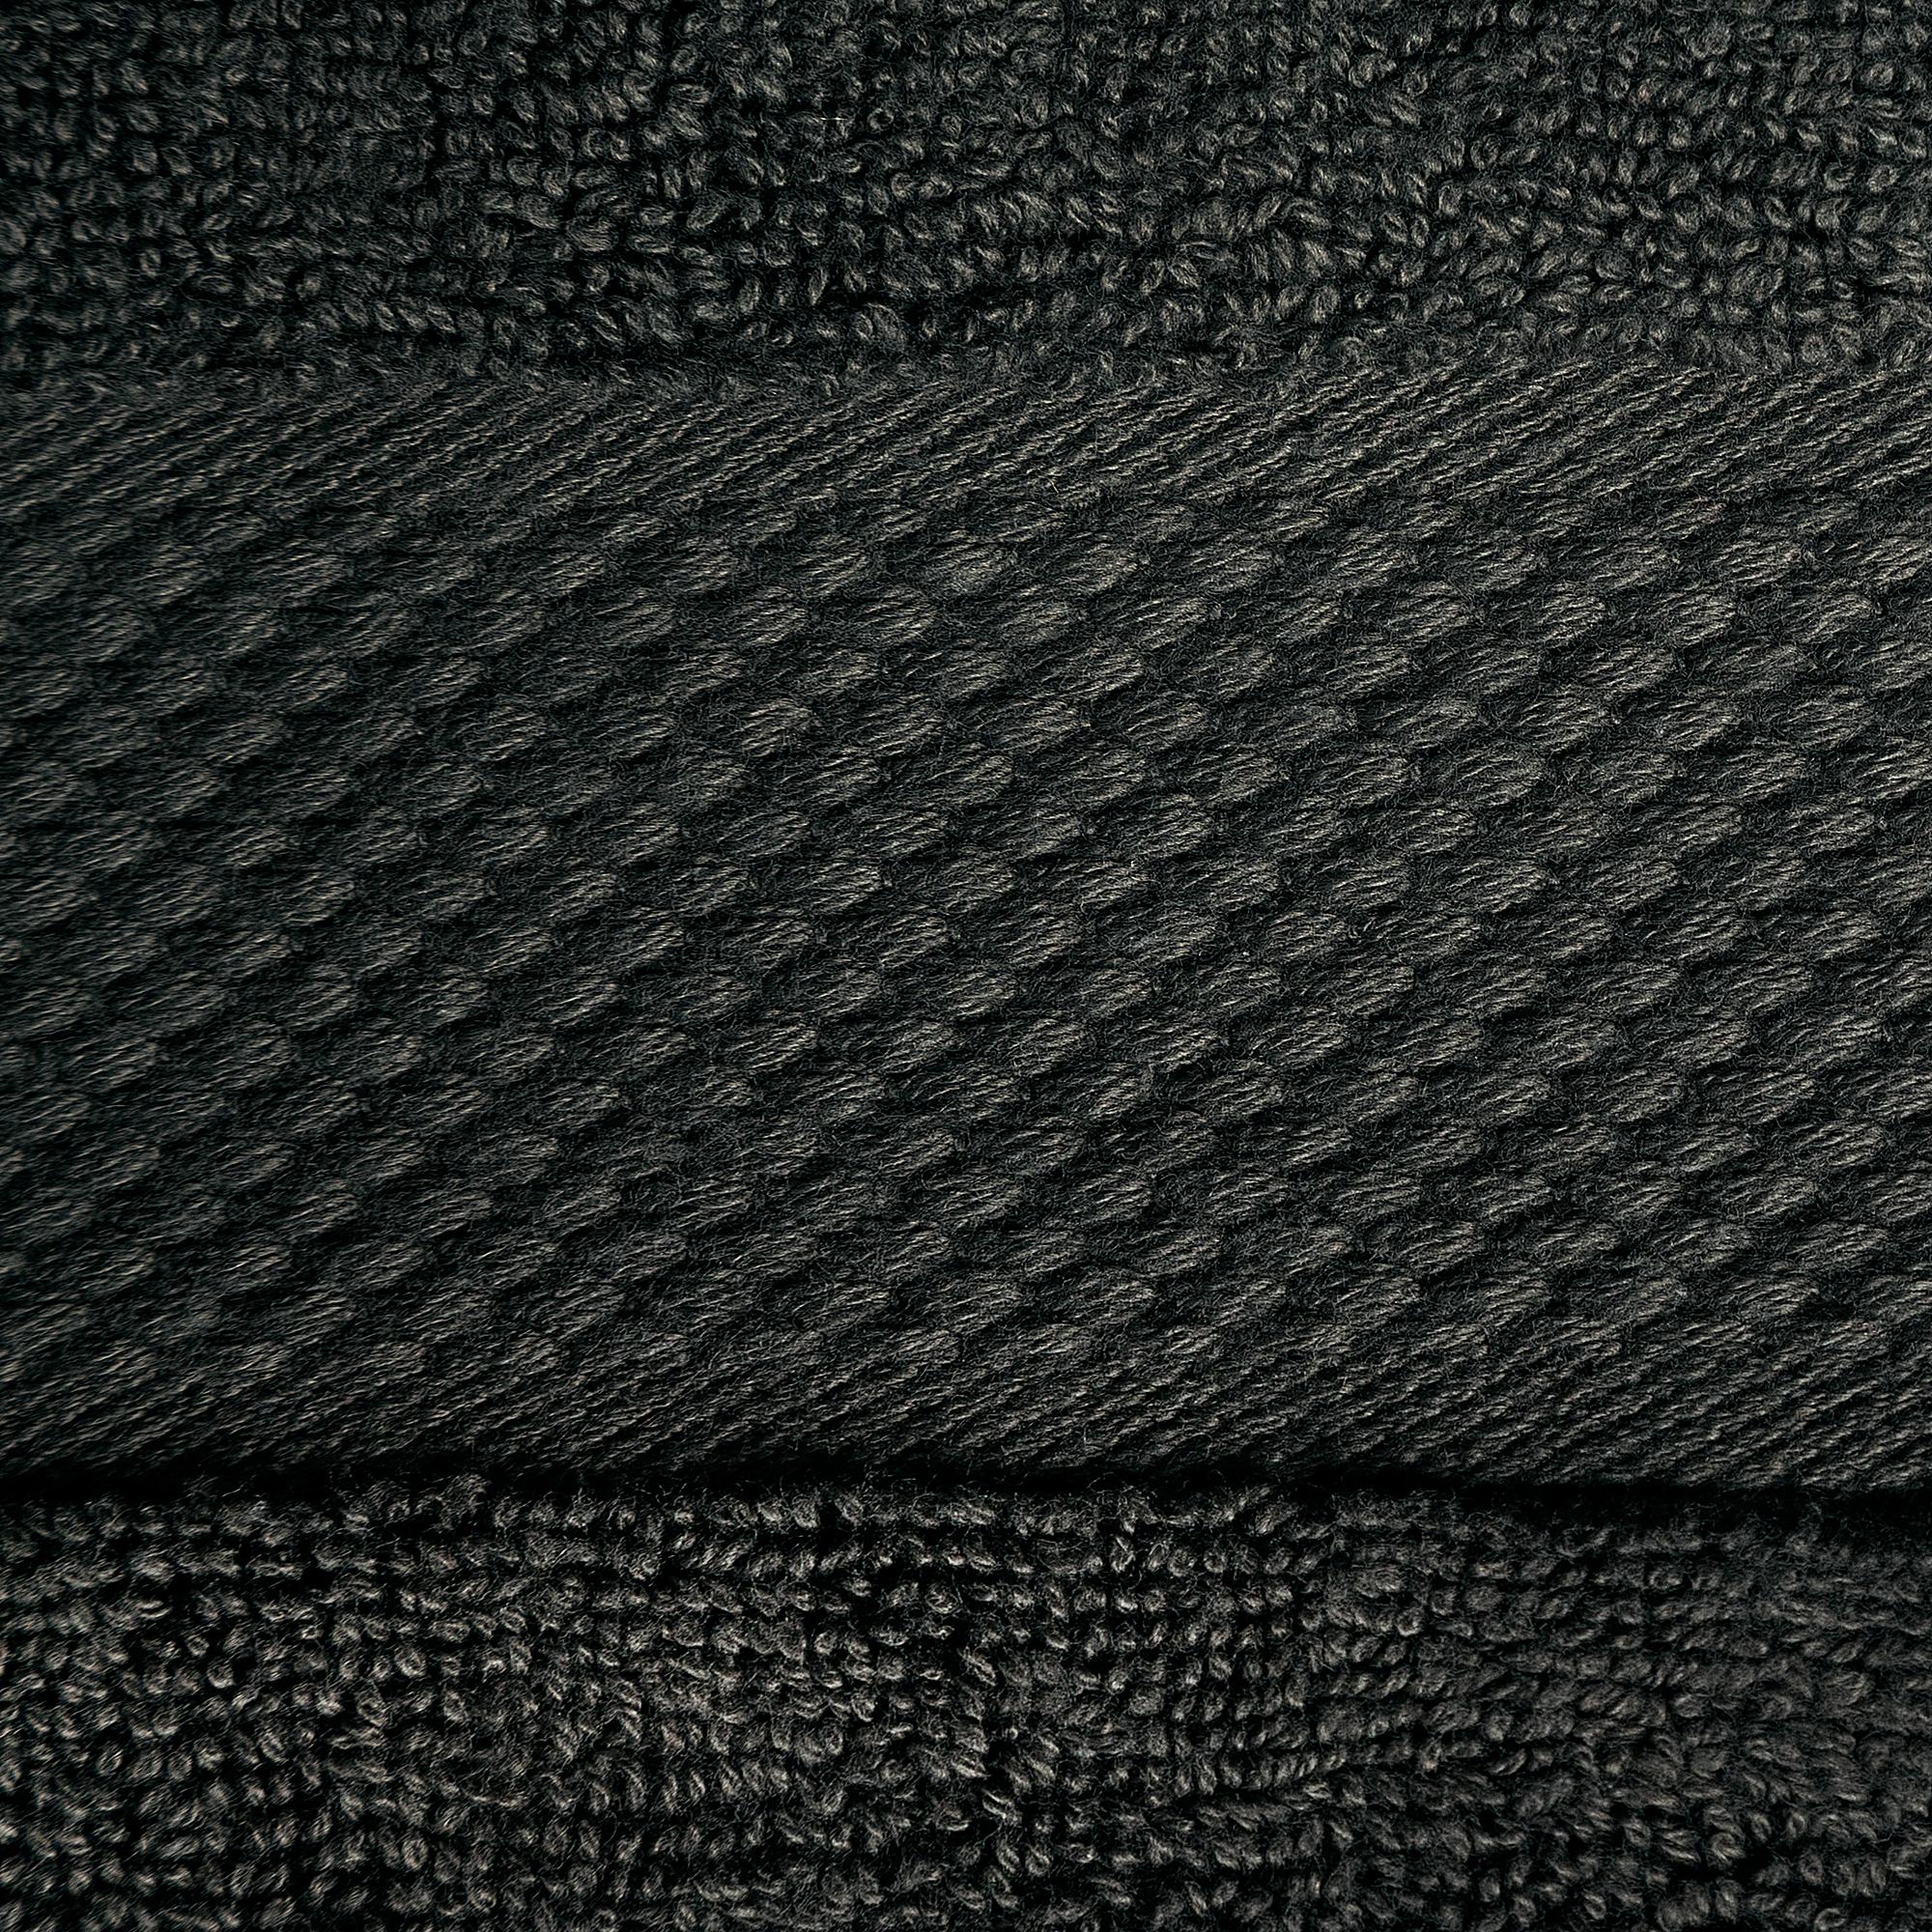 8pcs 700gsm Signature Range Black Plain 8 Pieces Bale Set Towel